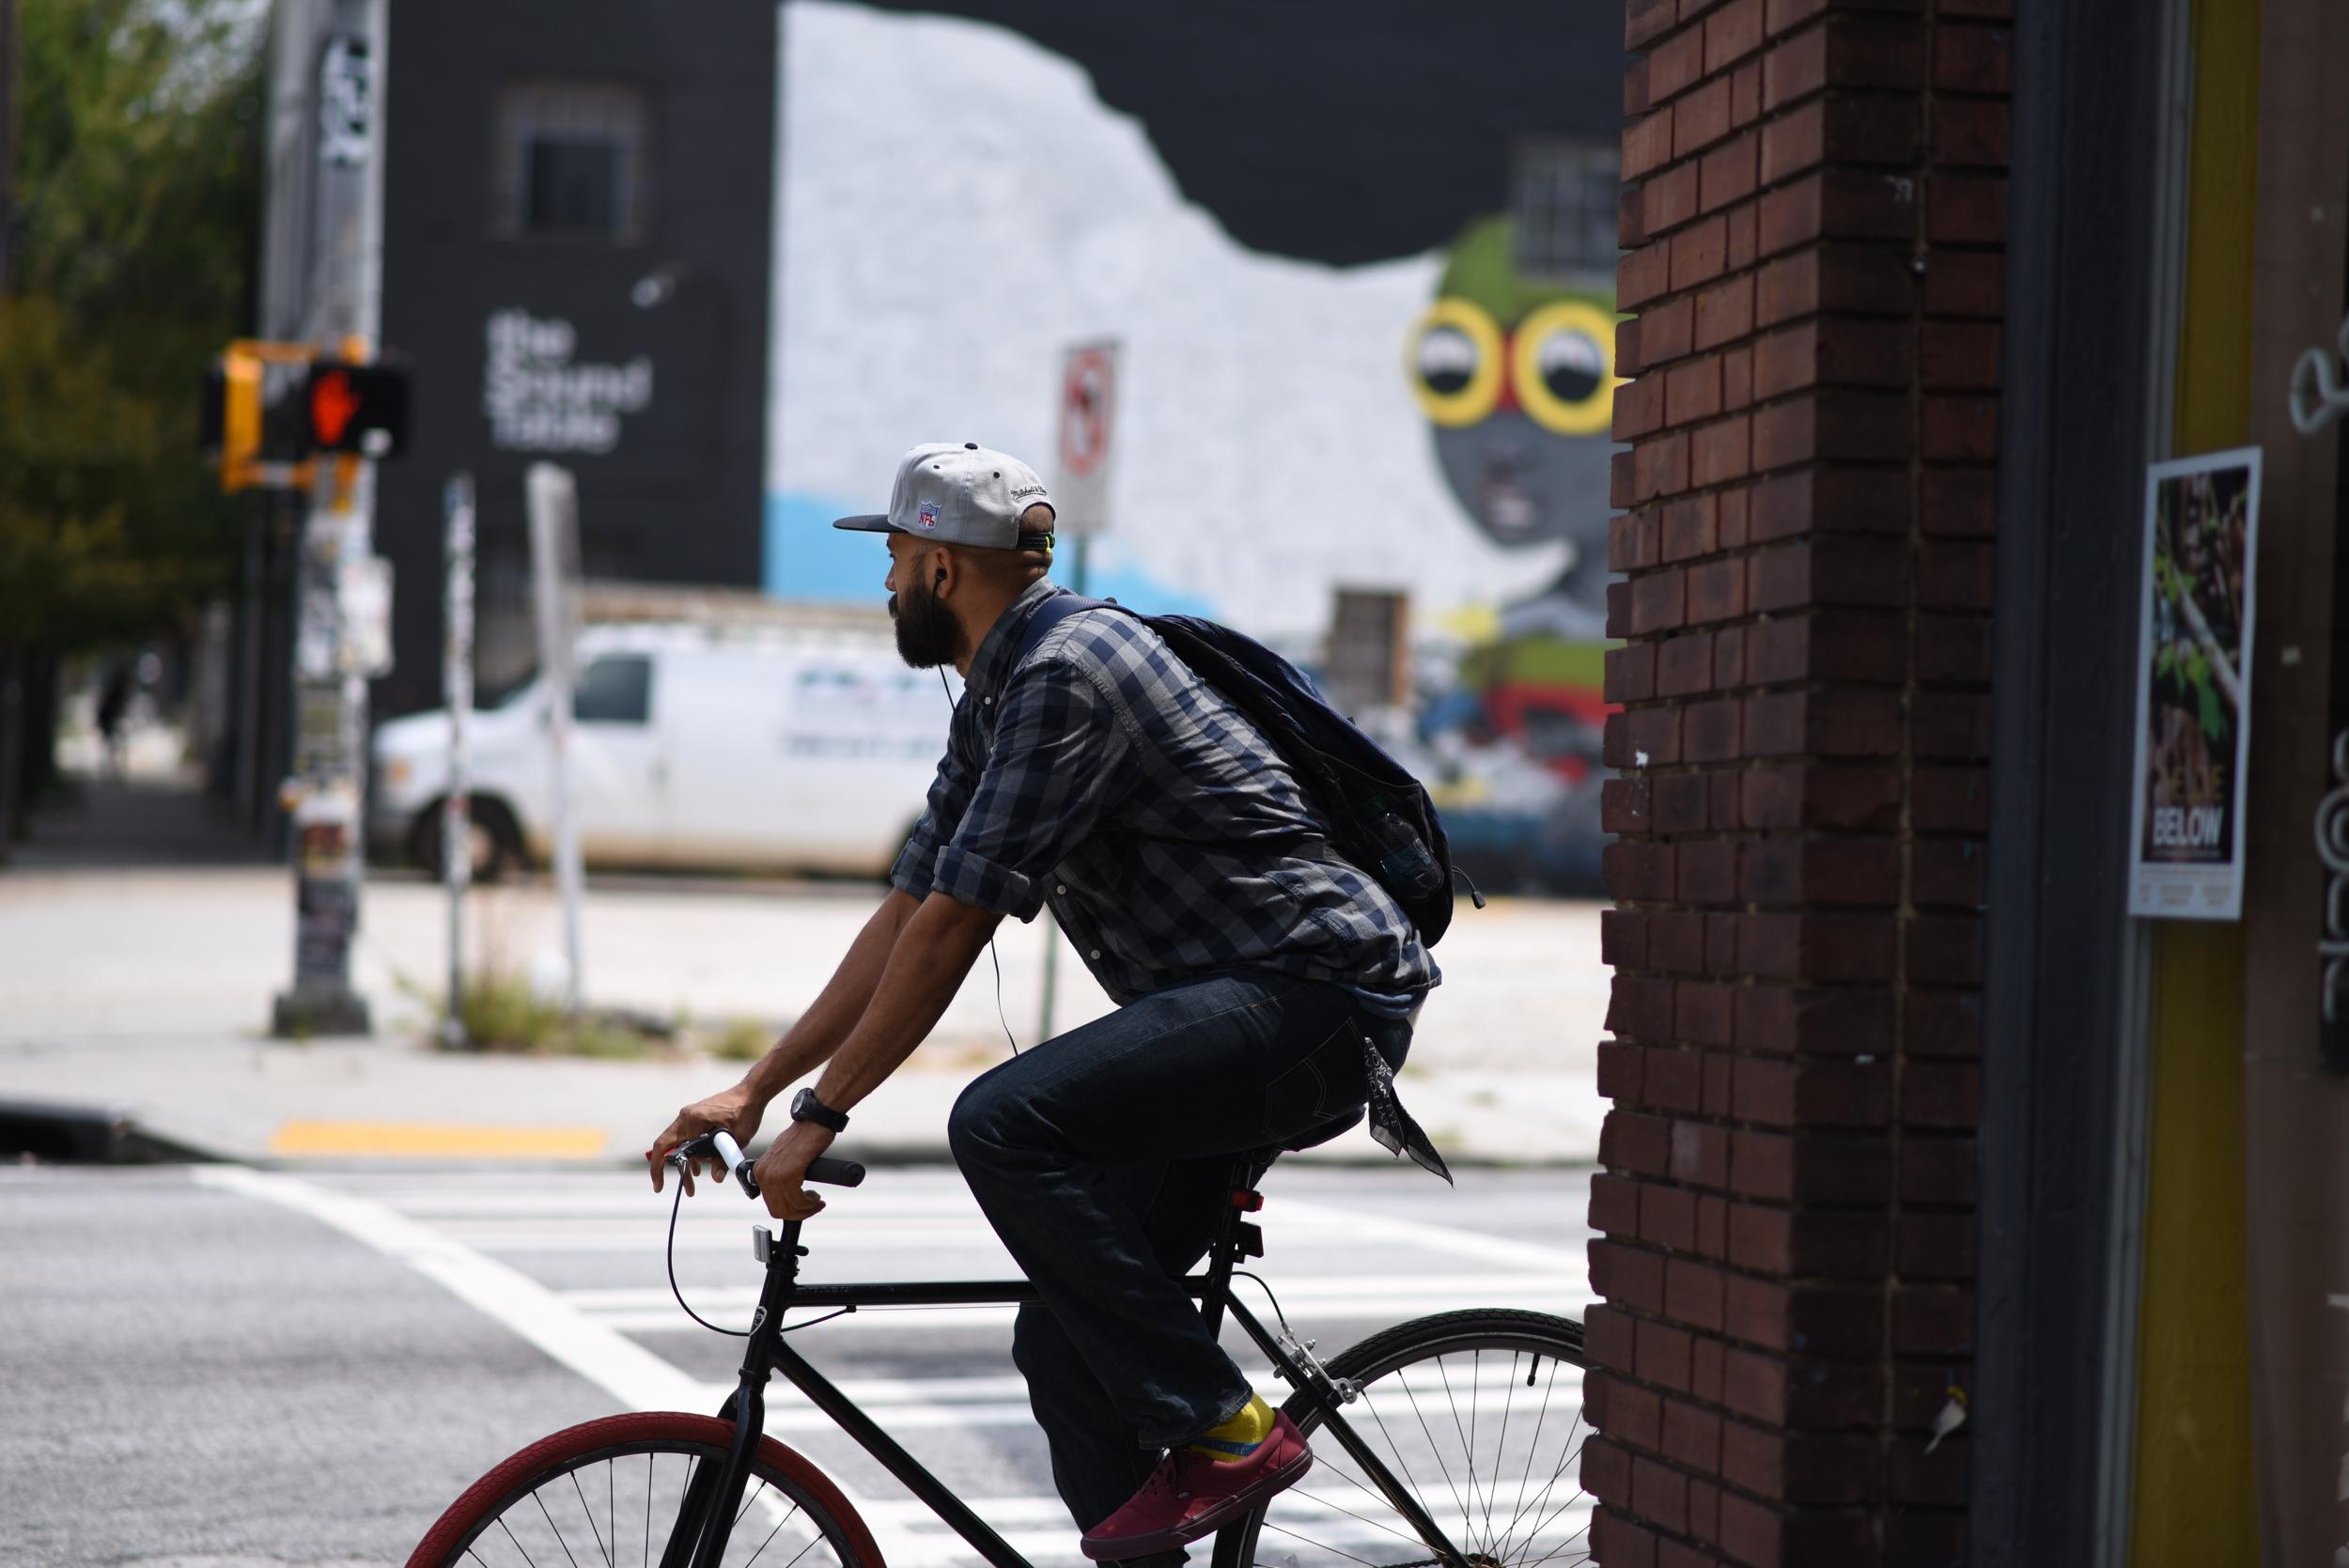 guy-on-bicycle.jpg